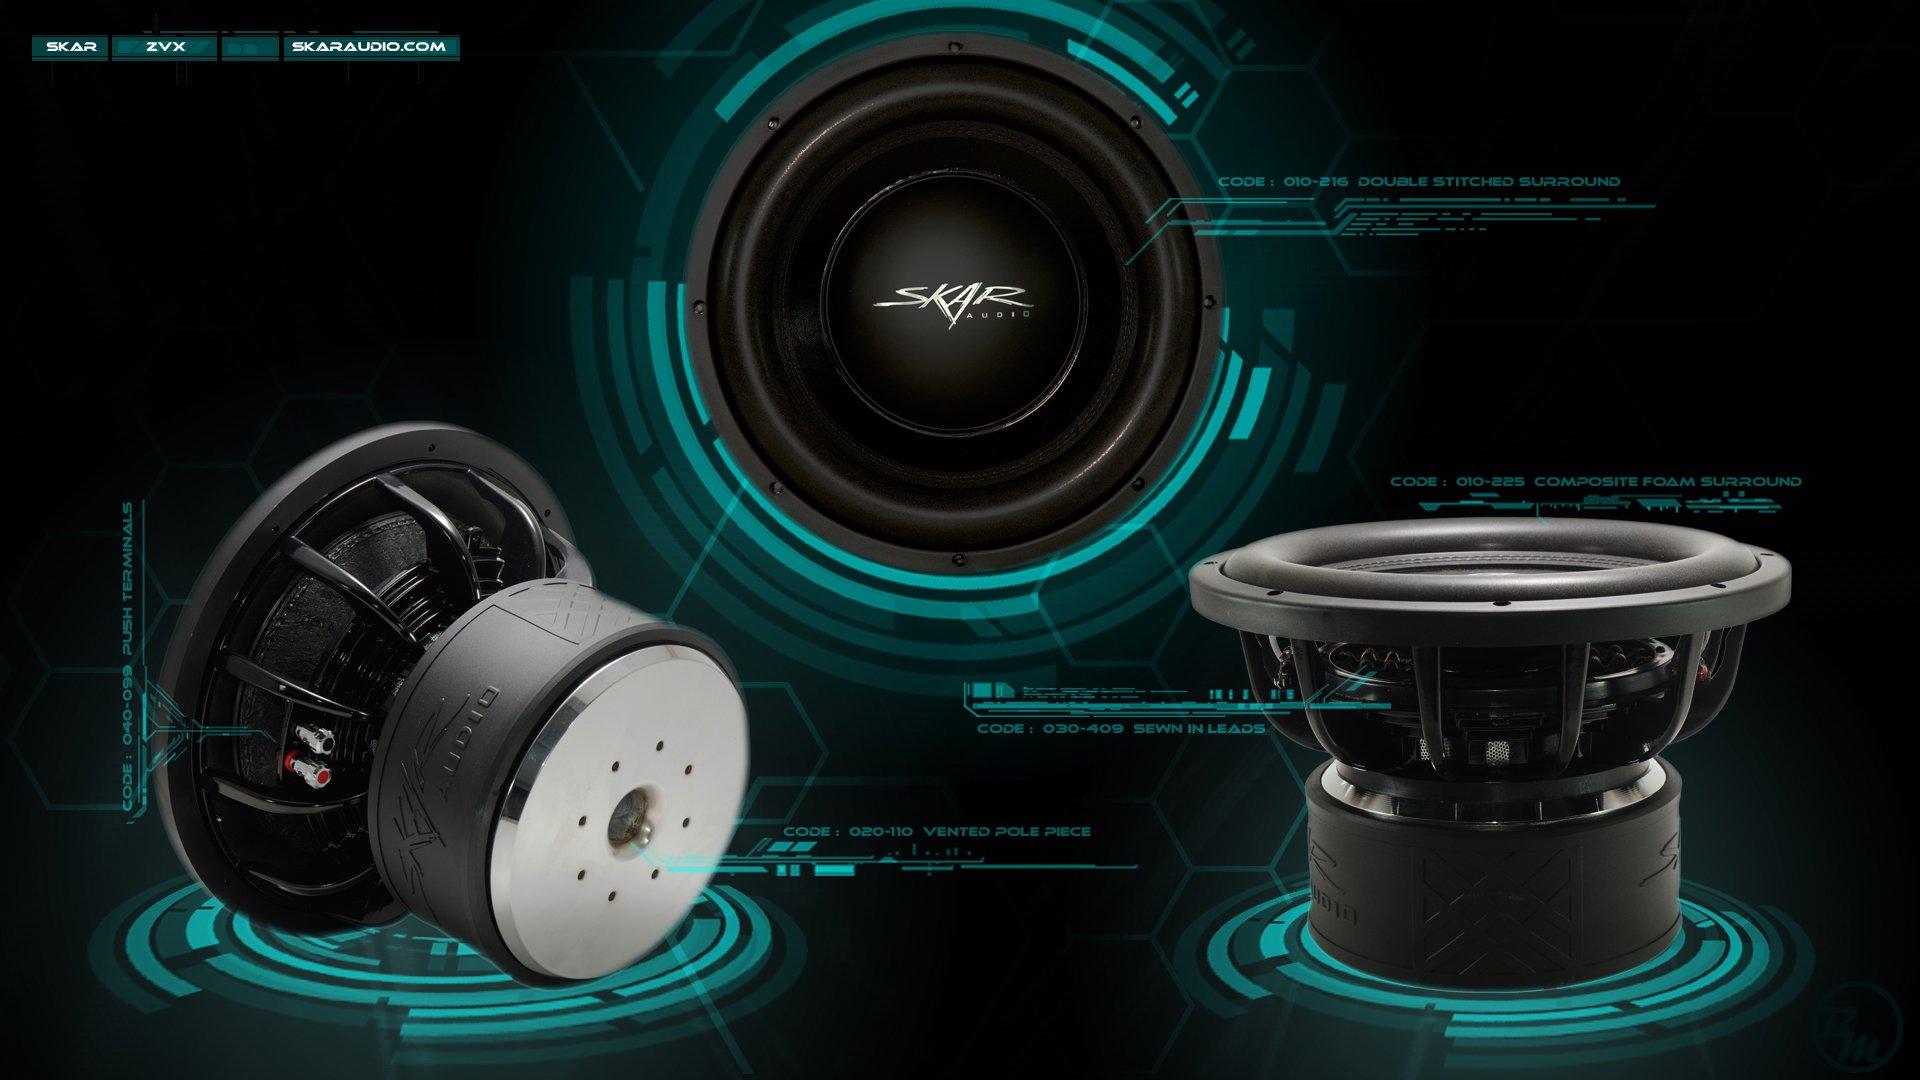 Wallpaper for car stereo wallpapersafari - Audio wallpaper ...